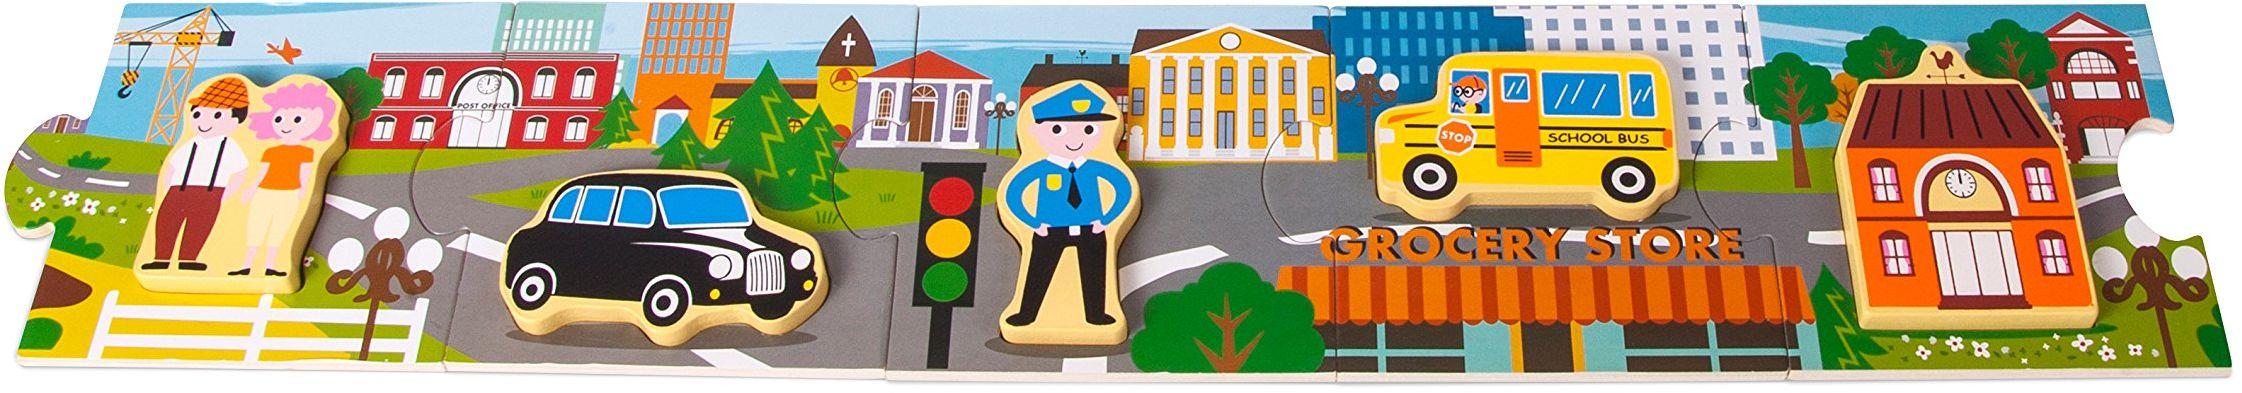 Small Foot 10794 Storypuzzle miasto malowane drewno, wykonane z pięciu dużych elementów zawiera dodatkowe puzzle, stymuluje wyobraźnię i rozwój języka oraz wspomaga umiejętności motoryczne